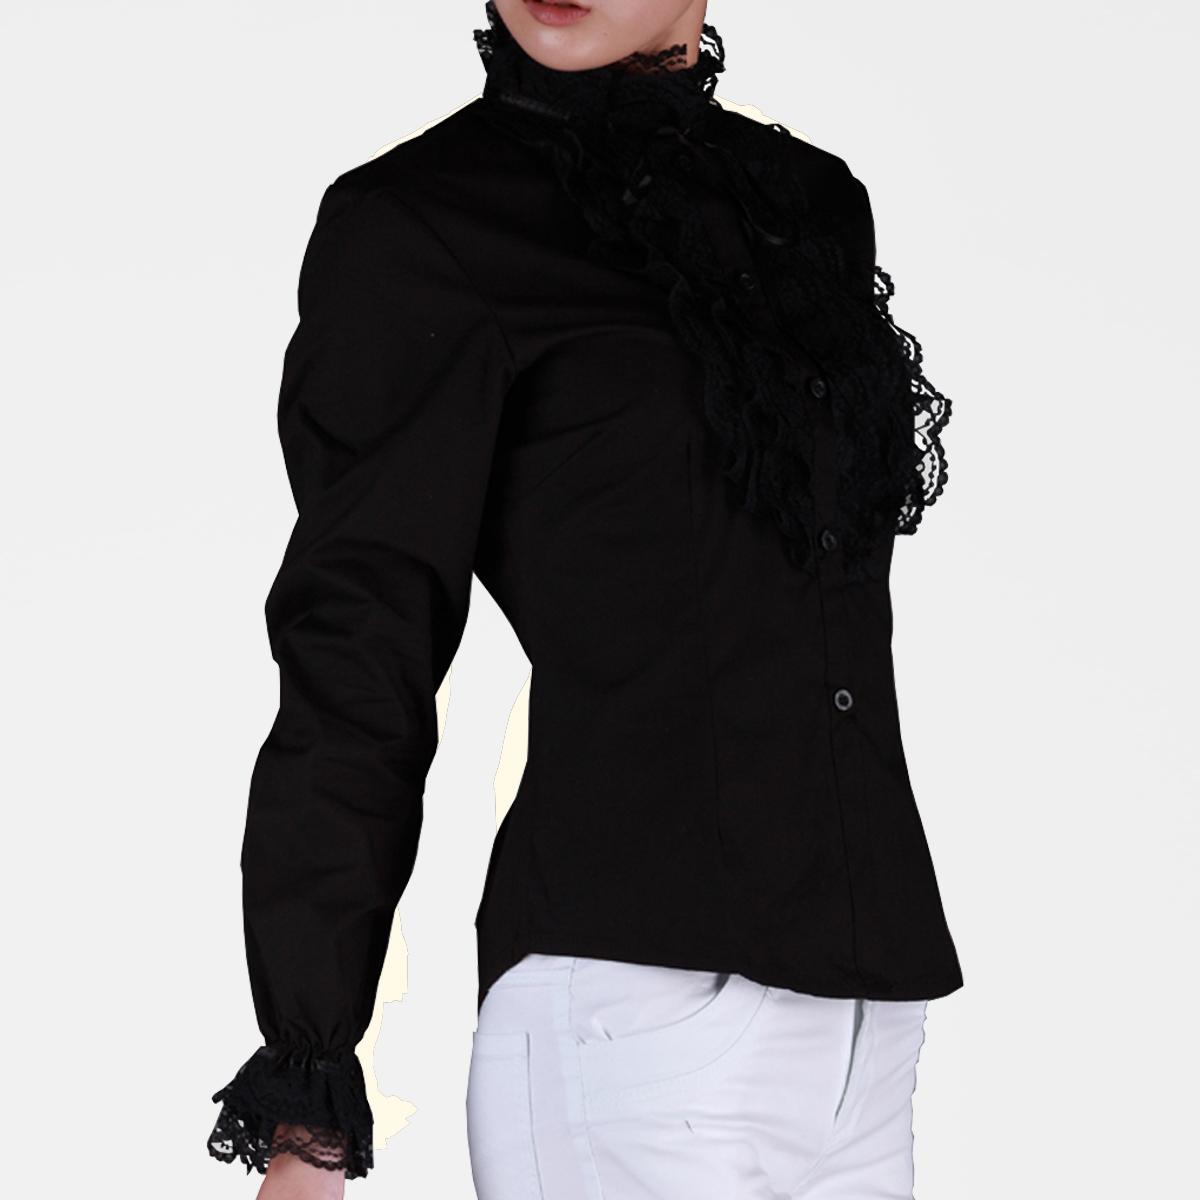 женская рубашка C2512 Повседневный Длинный рукав Однотонный цвет Воротник-стойка